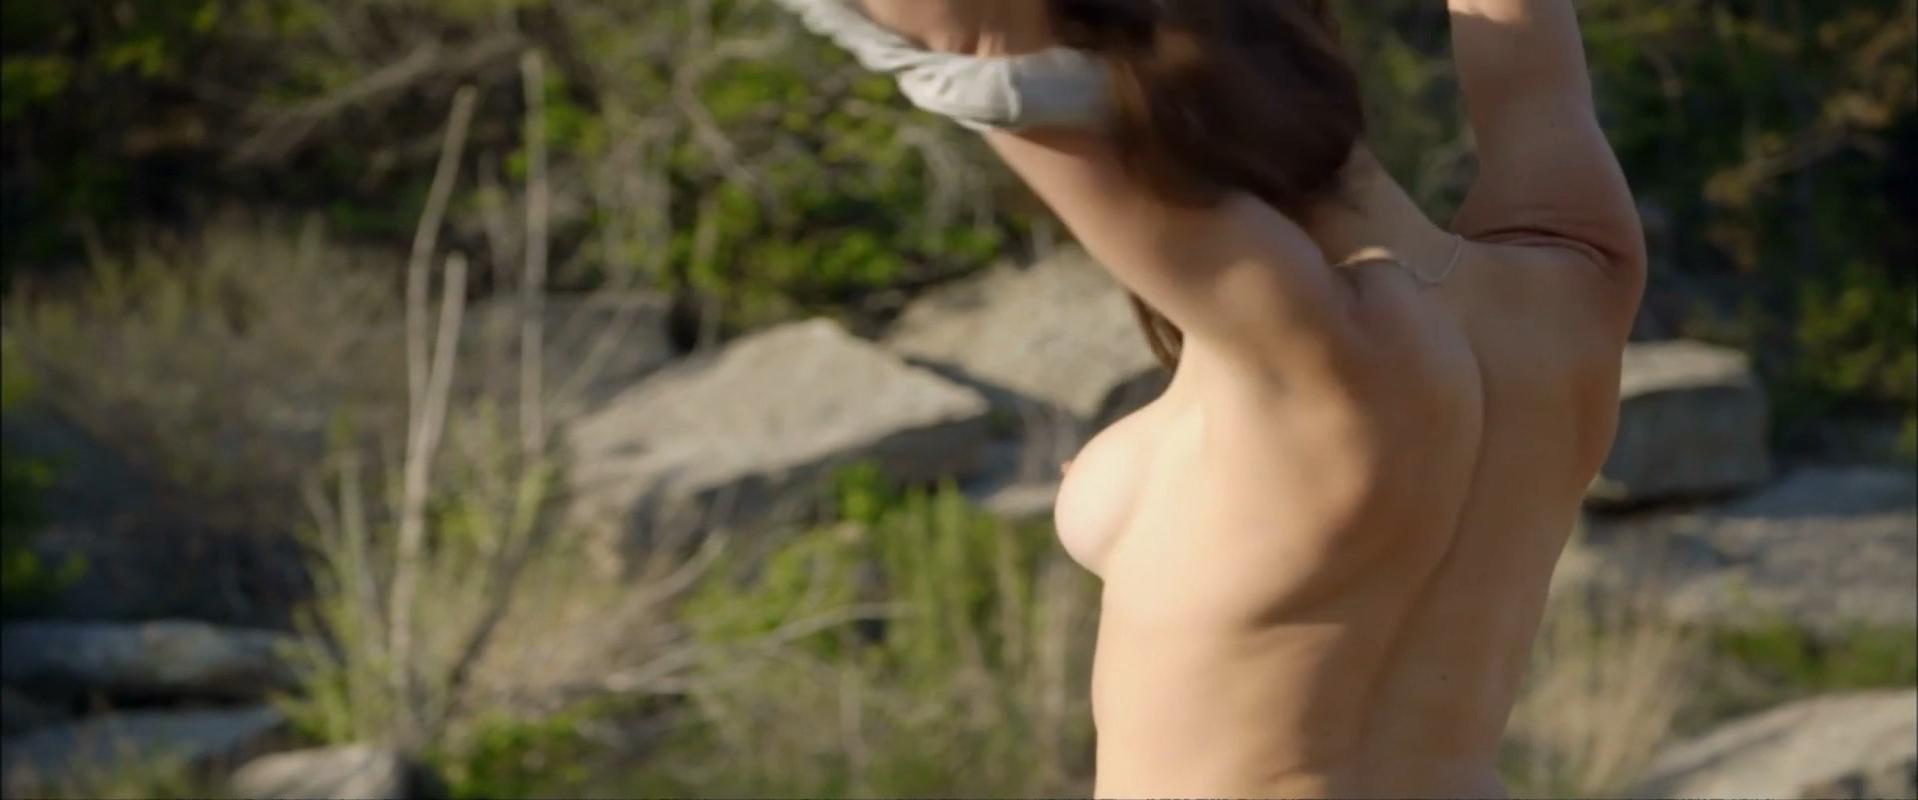 Zoe Duchesne nude - In America s01e06 (2014)